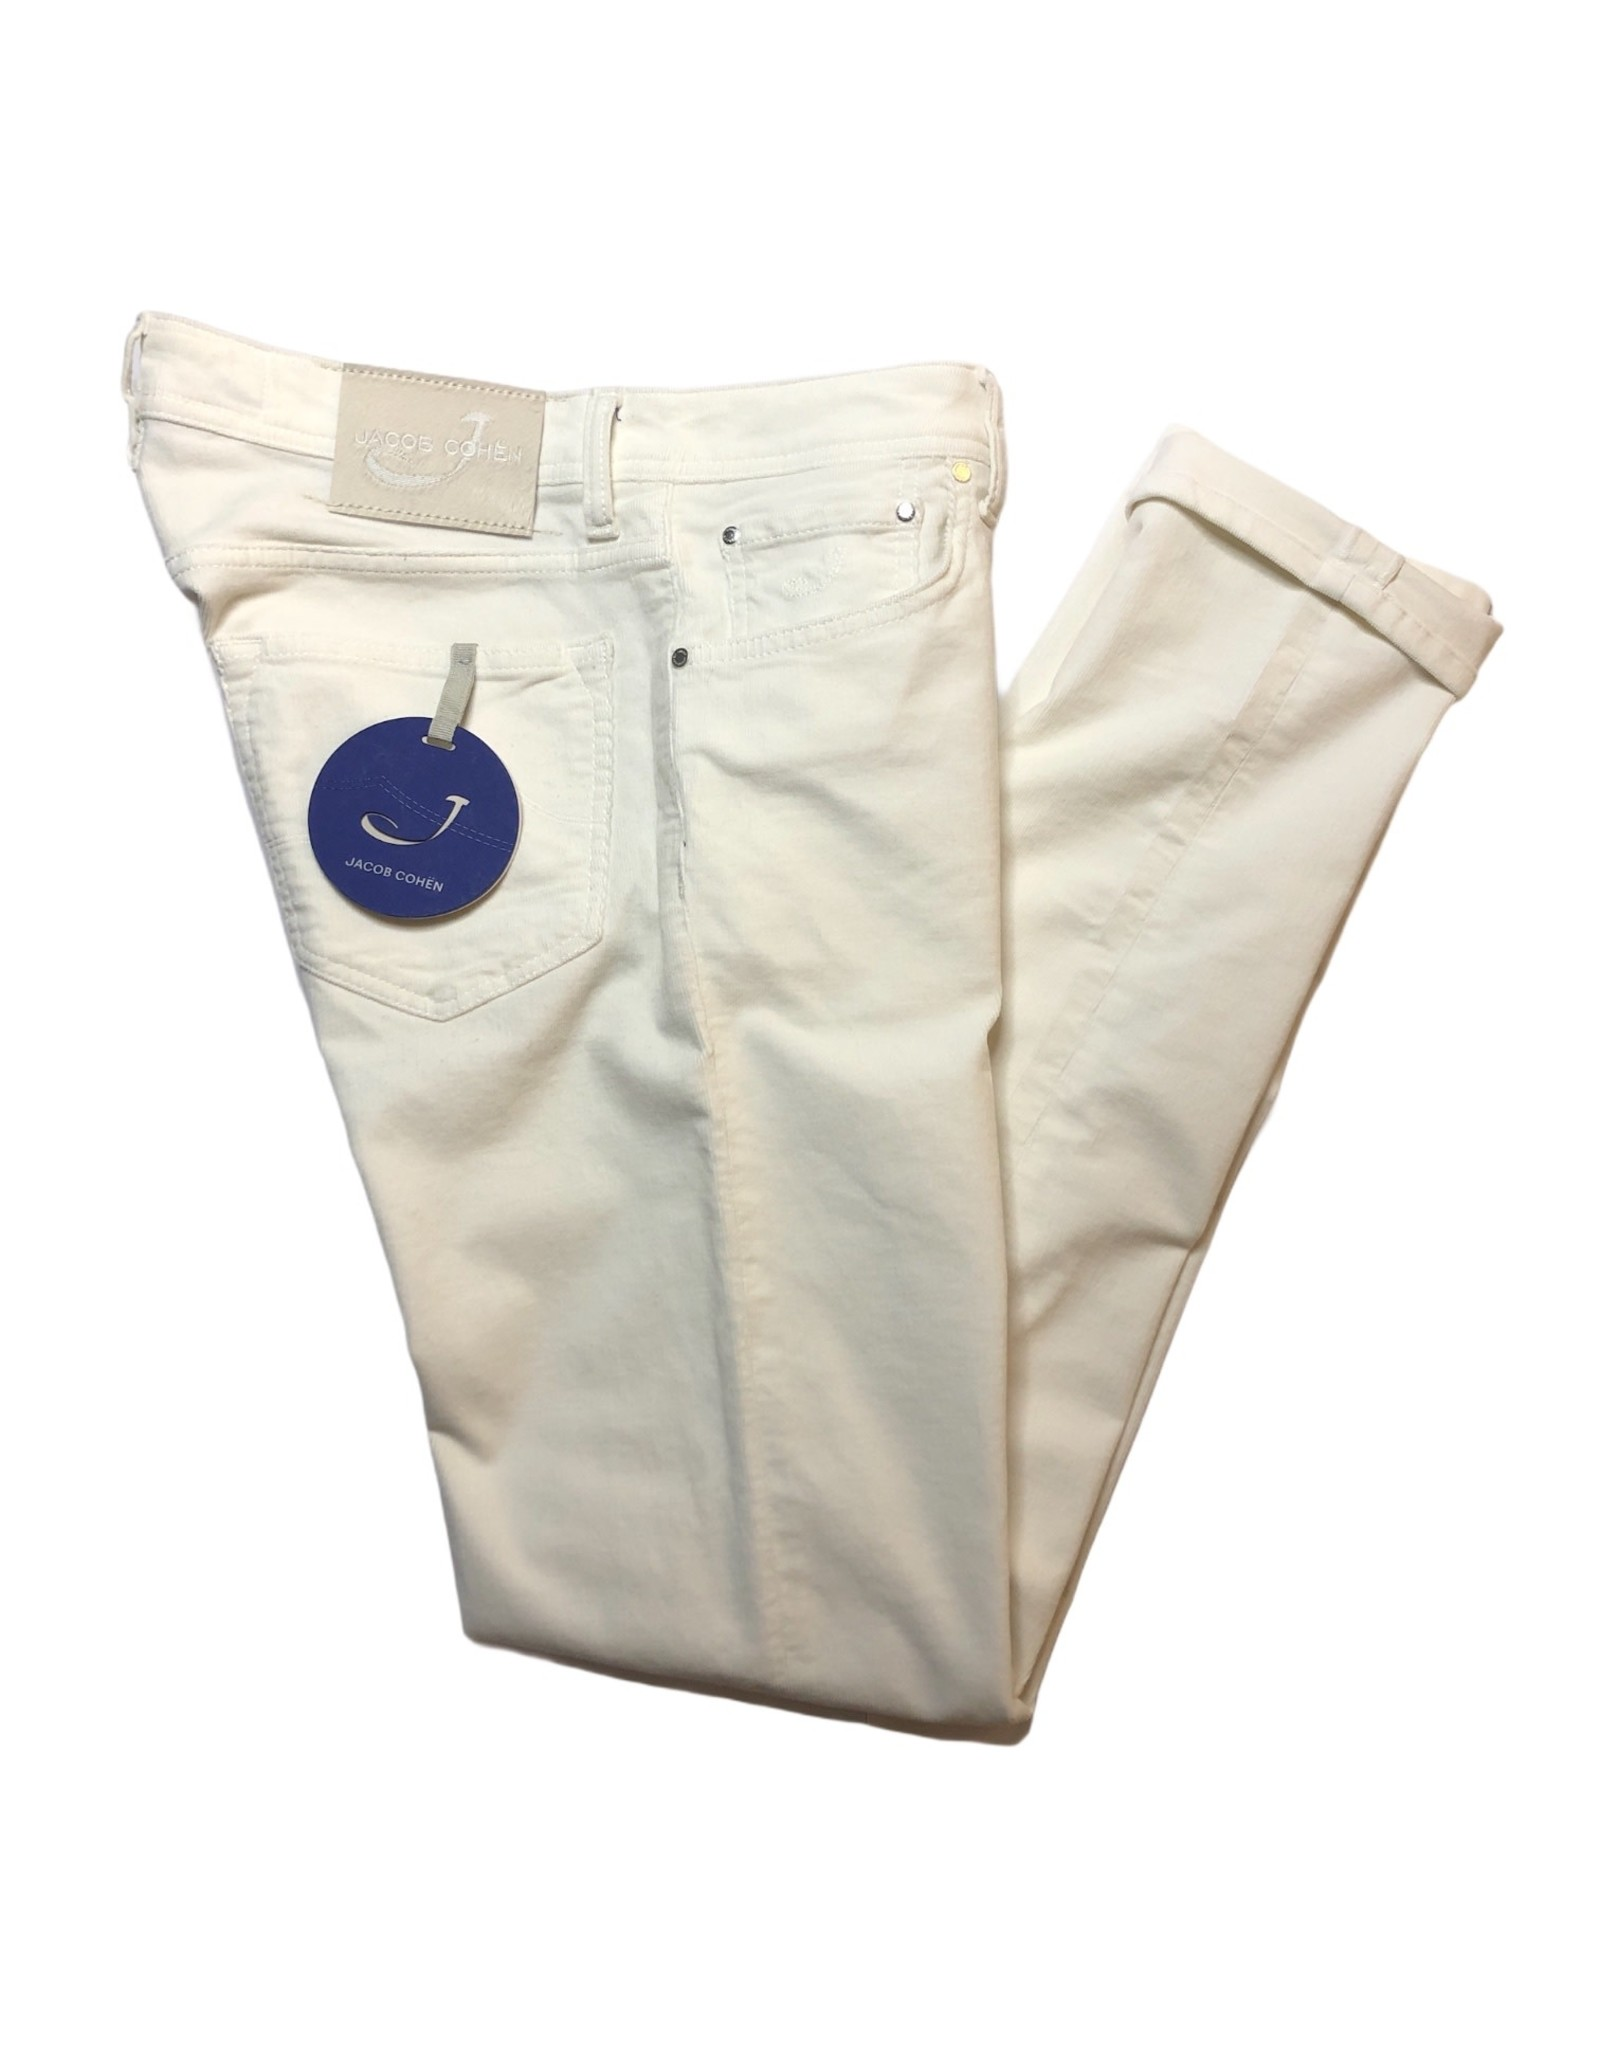 JACOB COHEN JACOB COHEN Jeans J622 SLIM COMF 8805